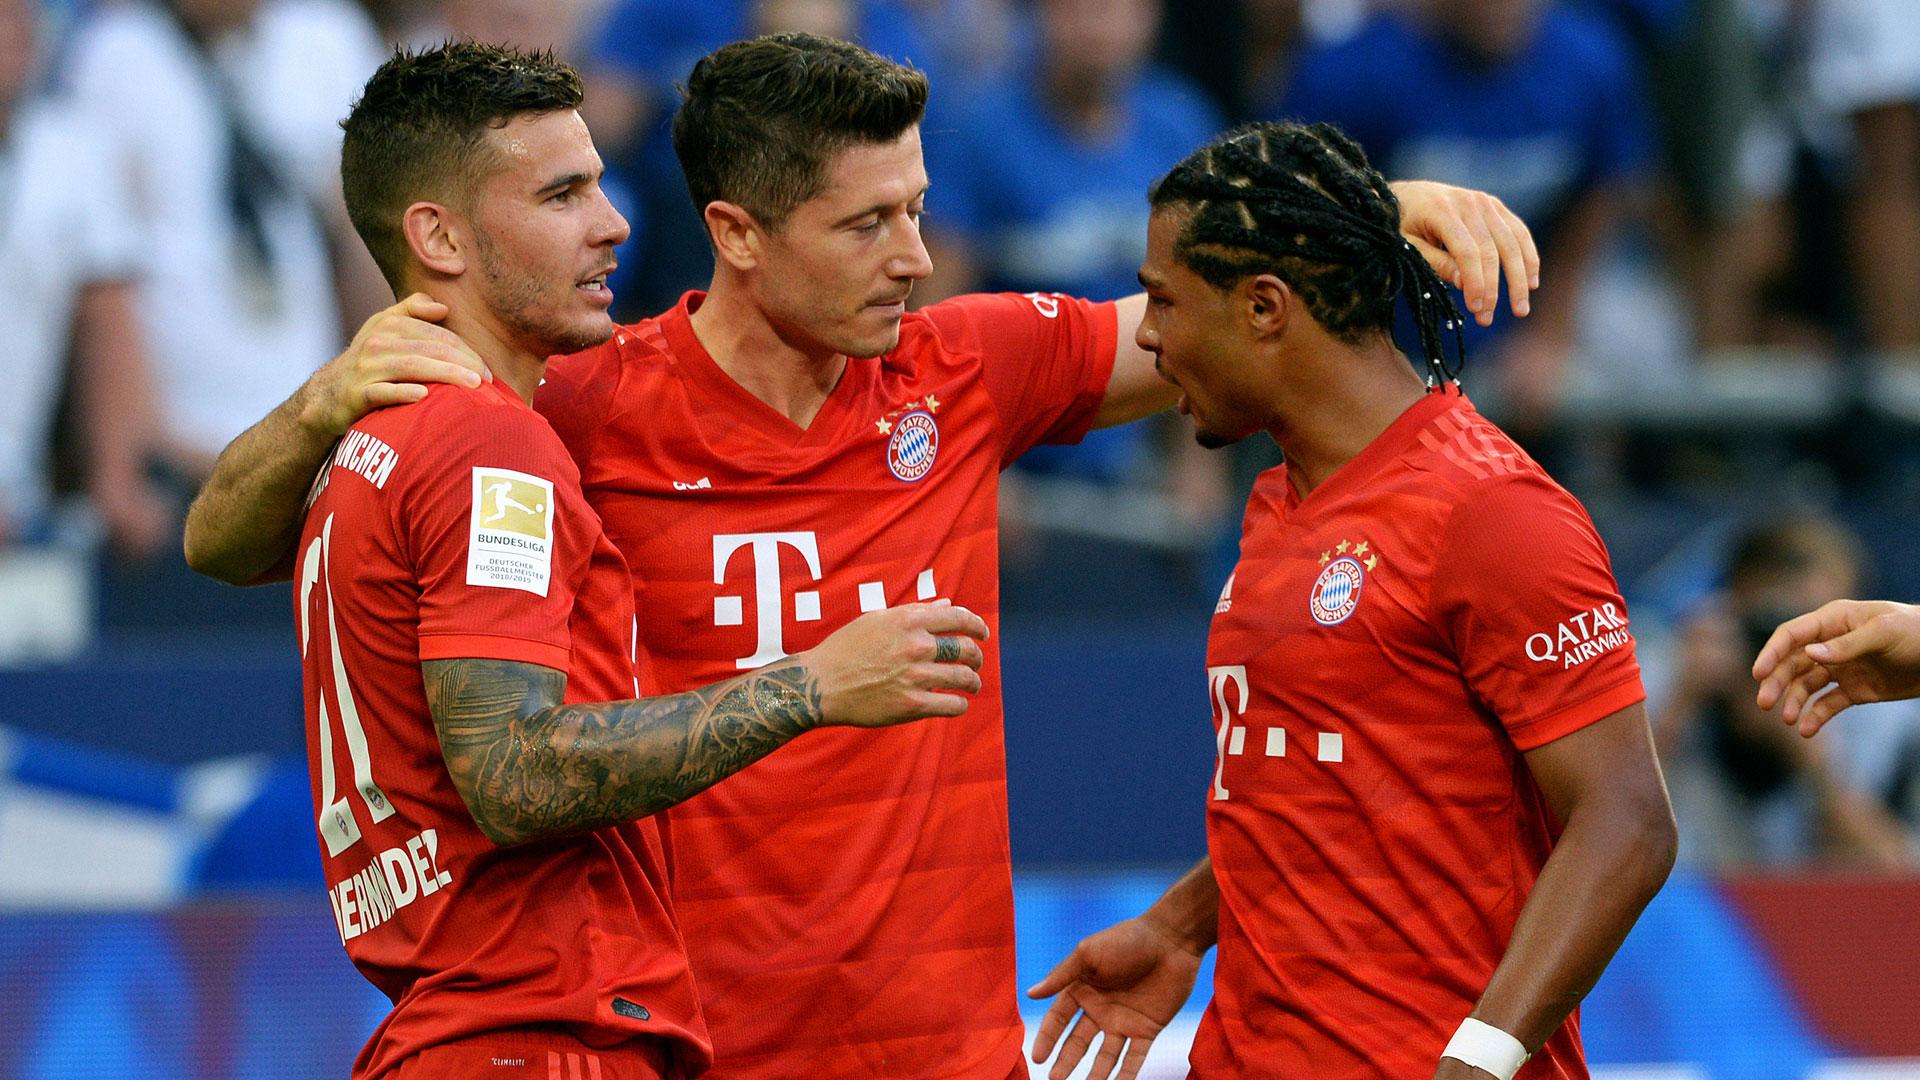 Schalke 04 - Bayern Munich 0-3 - En feu, Lewandowski porte le Bayern !